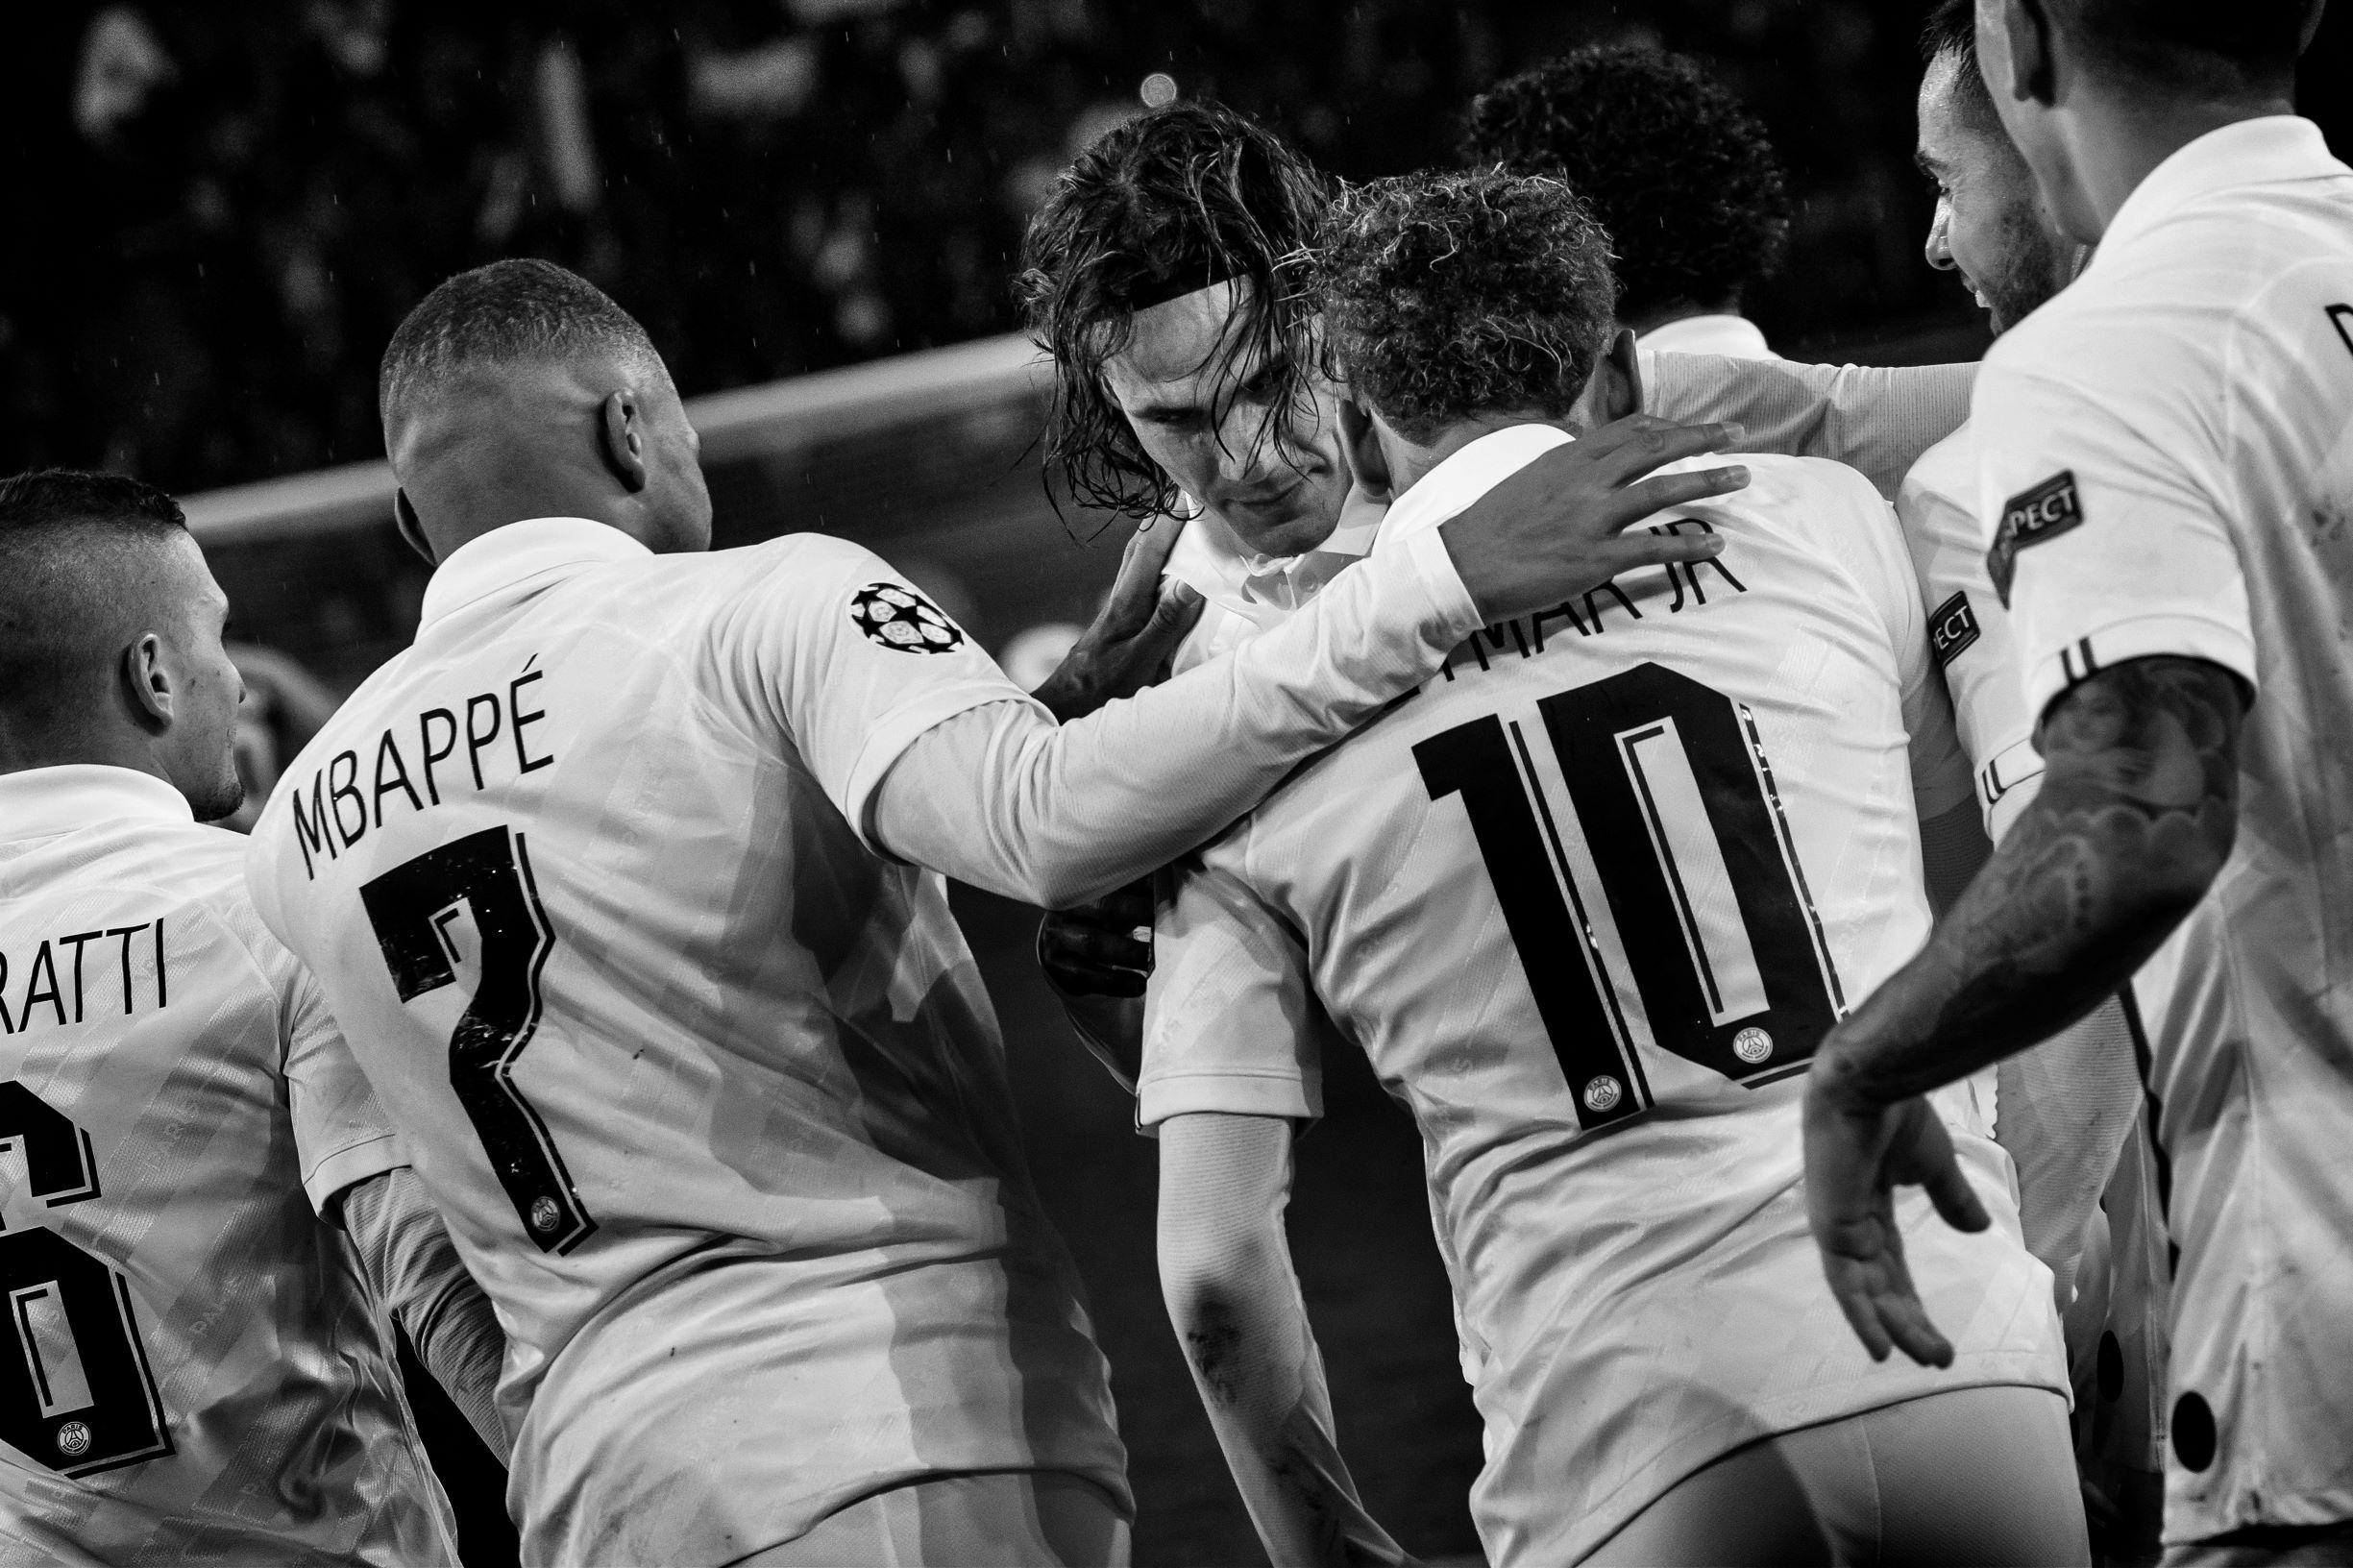 Mbappé, Cavani, Neymar Jr. De 2017 à 2020, Paris compte dans ses rangs trois des plus grands attaquants du XXIe siècle.